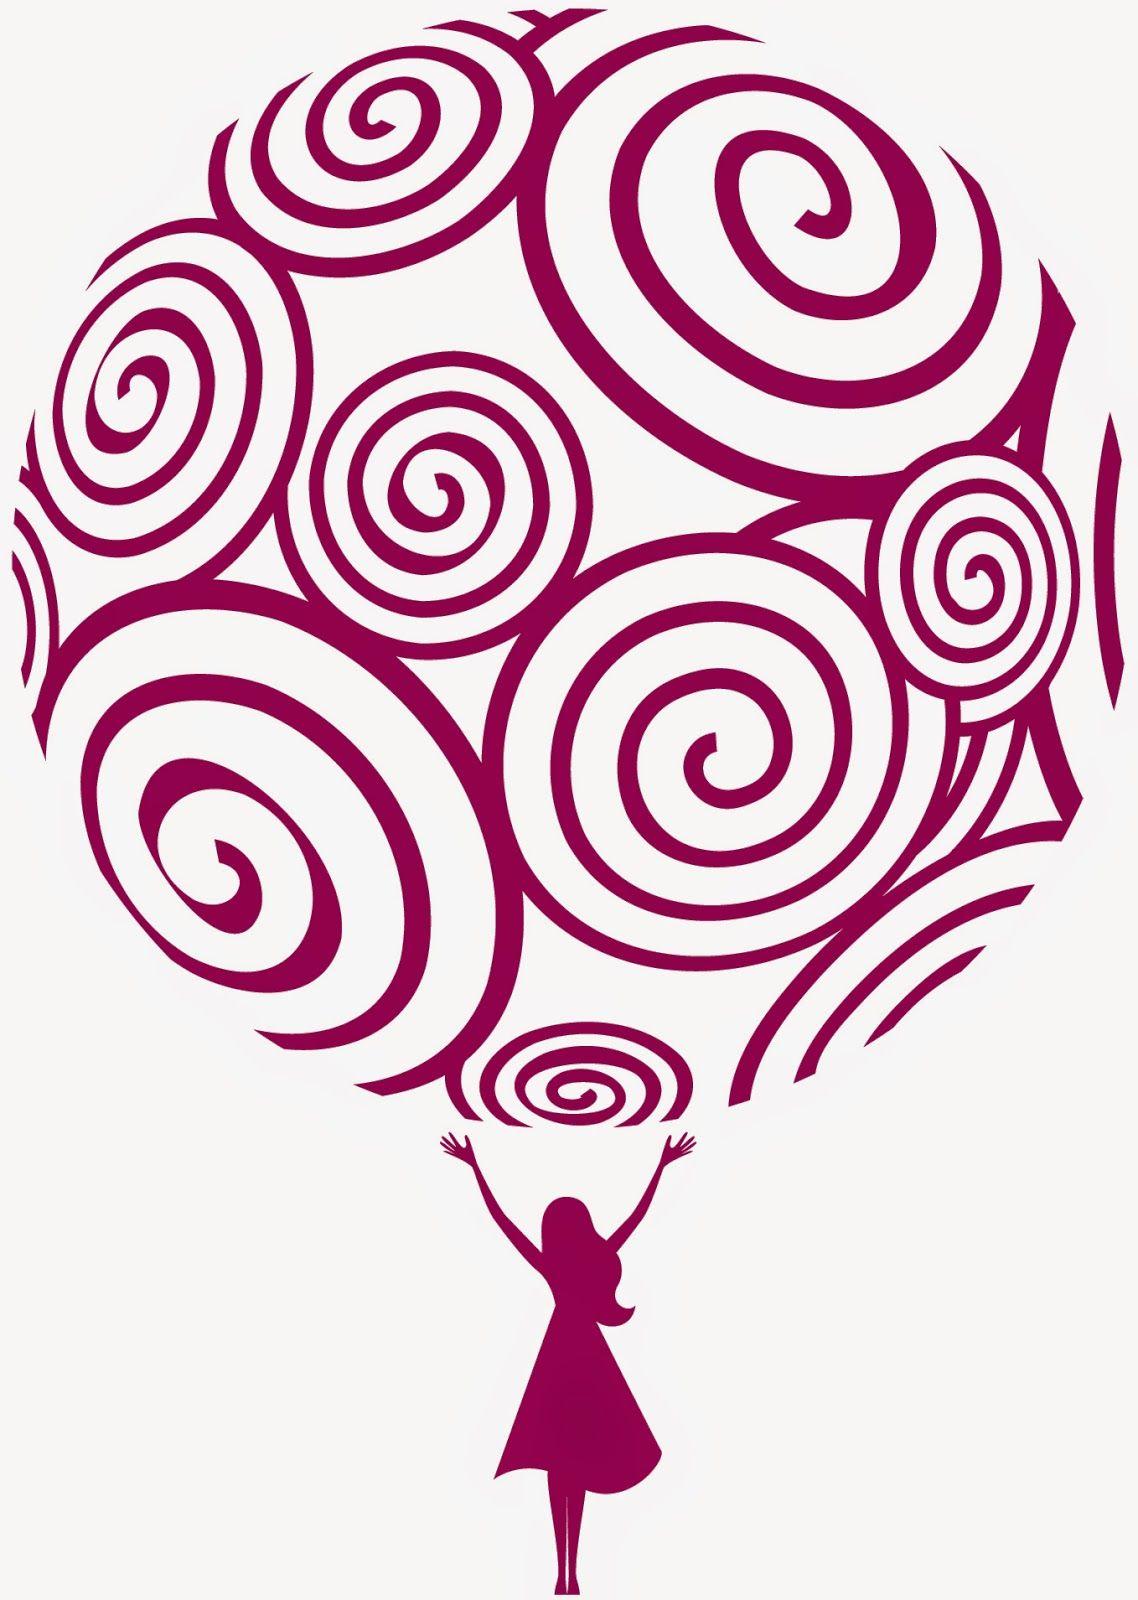 CONVERSAÇÃO - comunicação e educação previdenciária: SEI QUE VOCÊ FEZ OS SEUS CASTELOS!